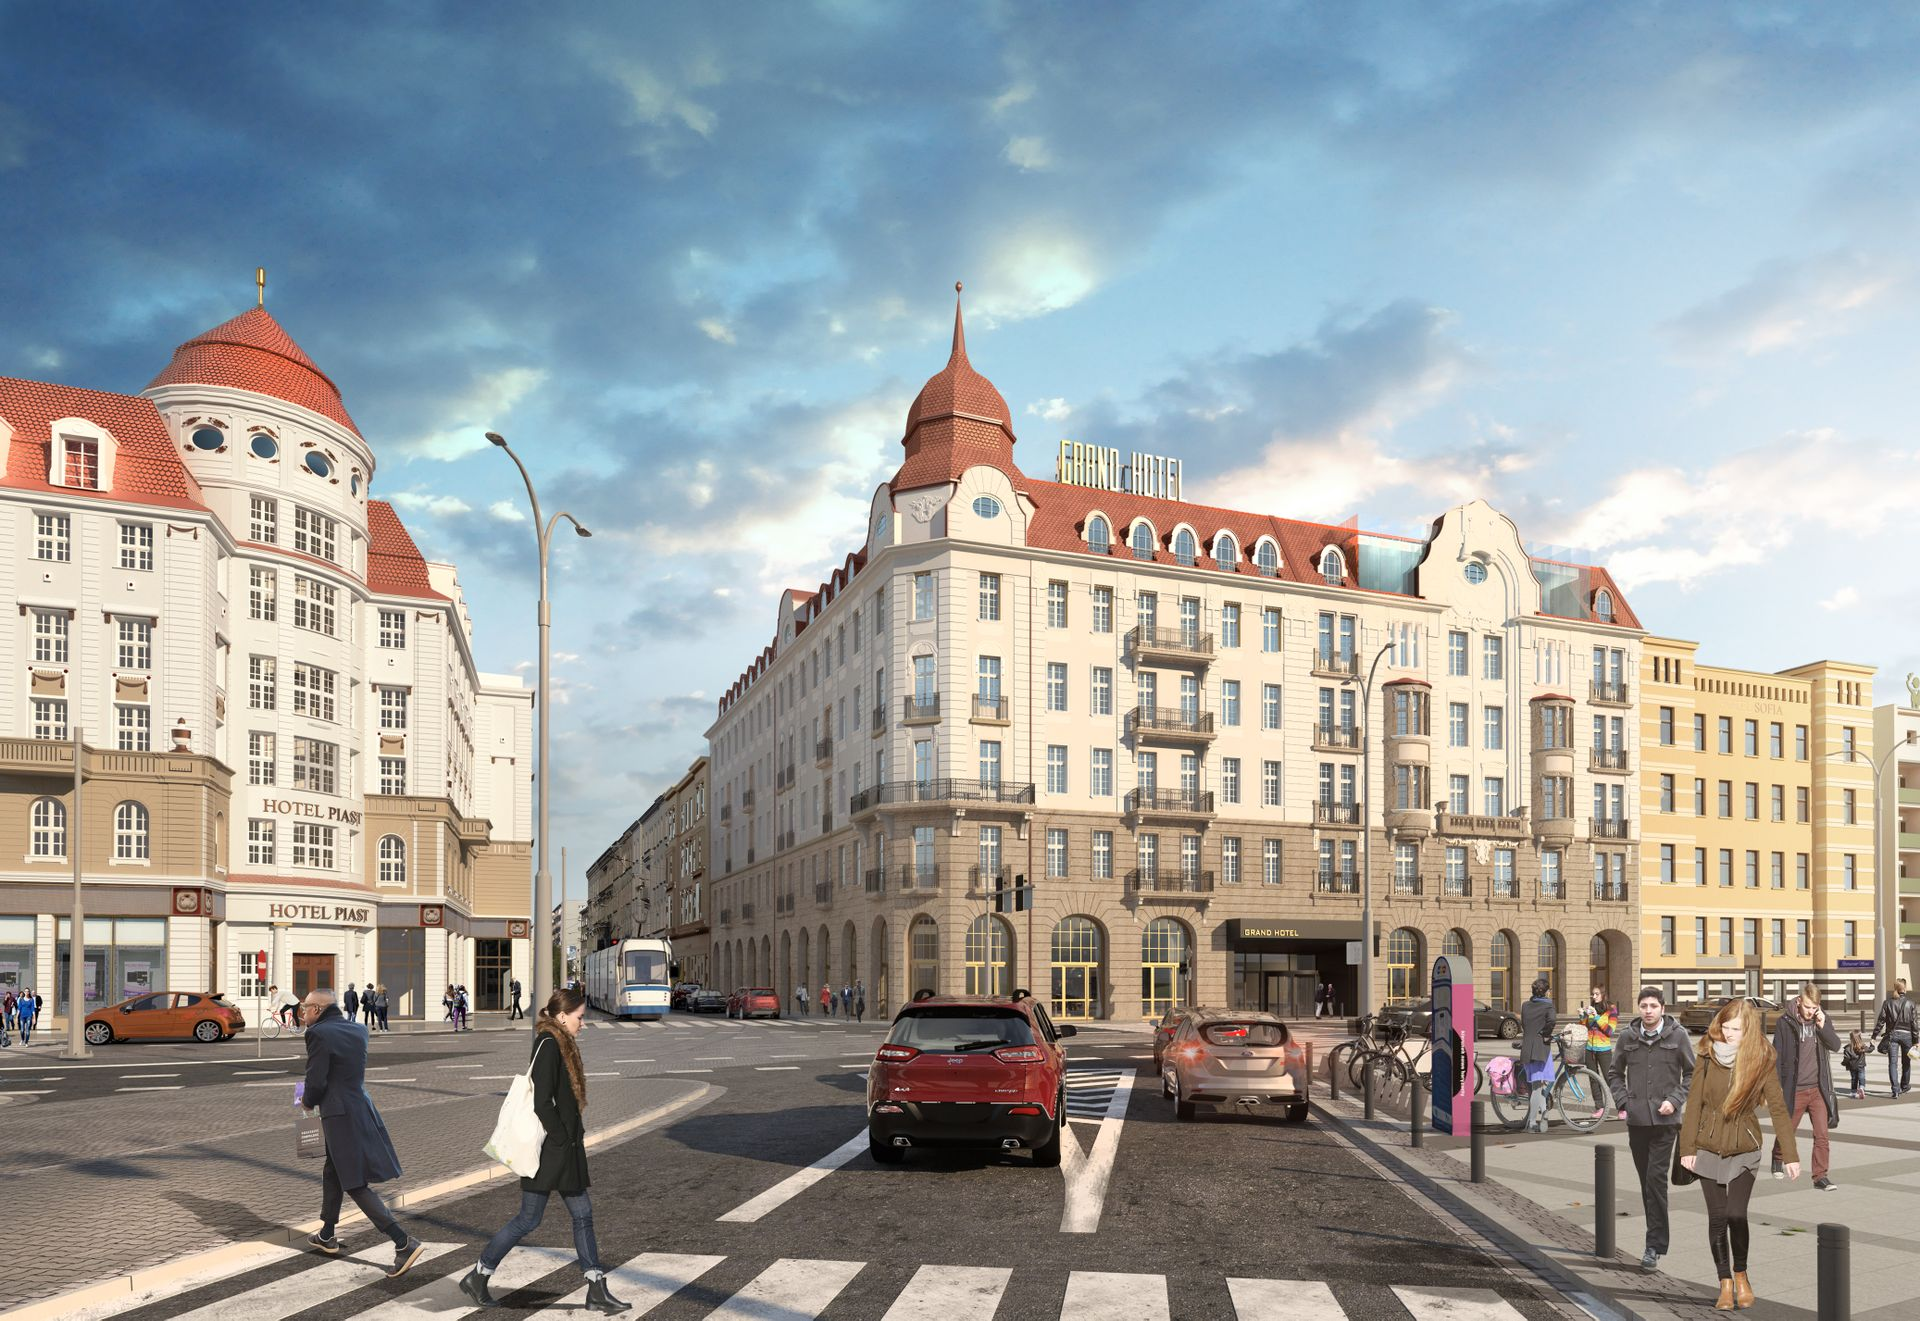 Zabytkowy Hotel Grand zamieni się w Hotel Mövenpick Wrocław